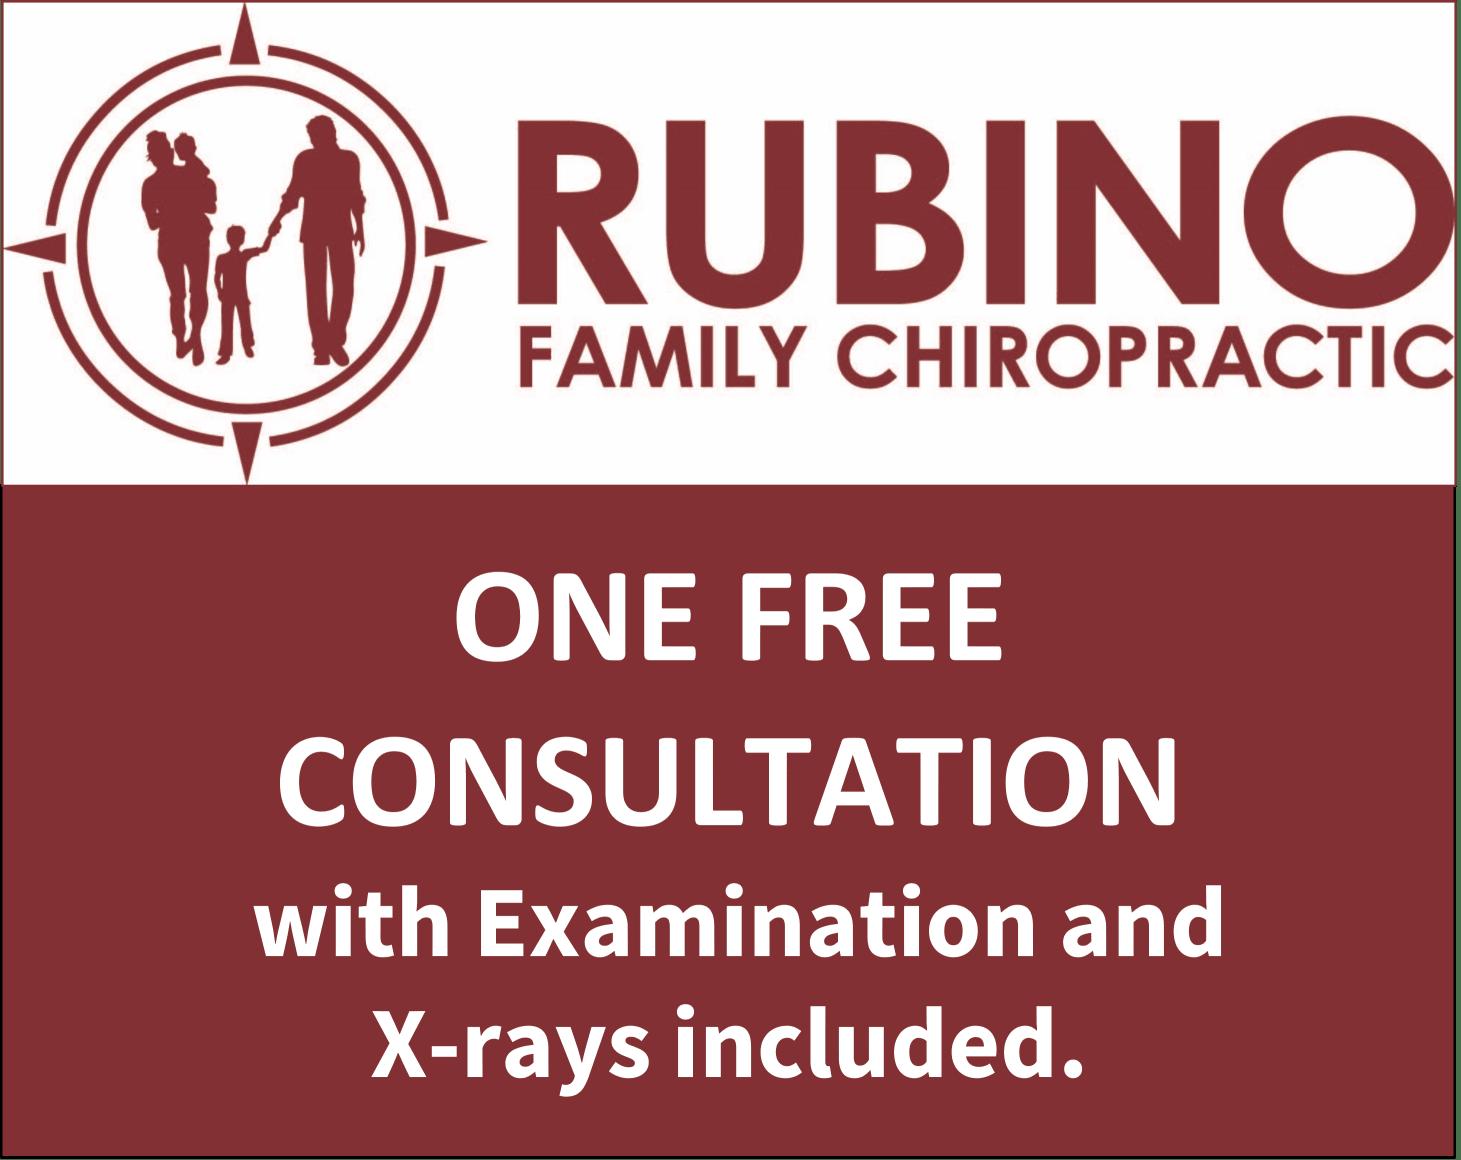 Rubino Family Chiropractor Free Consultation